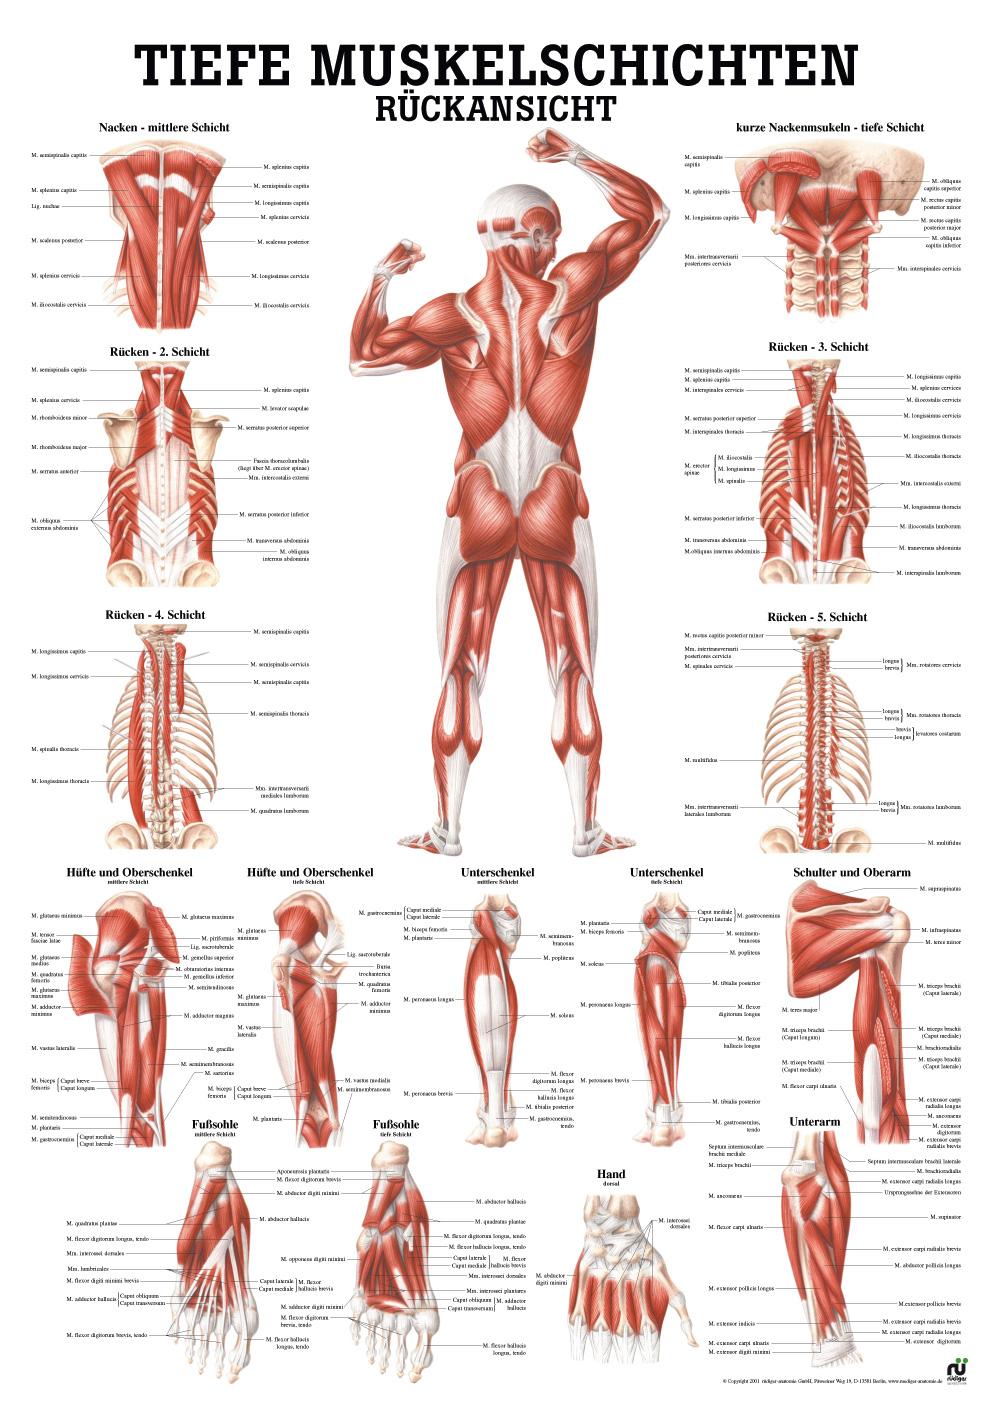 Ziemlich Muskelsystem Rückansicht Ideen - Menschliche Anatomie ...